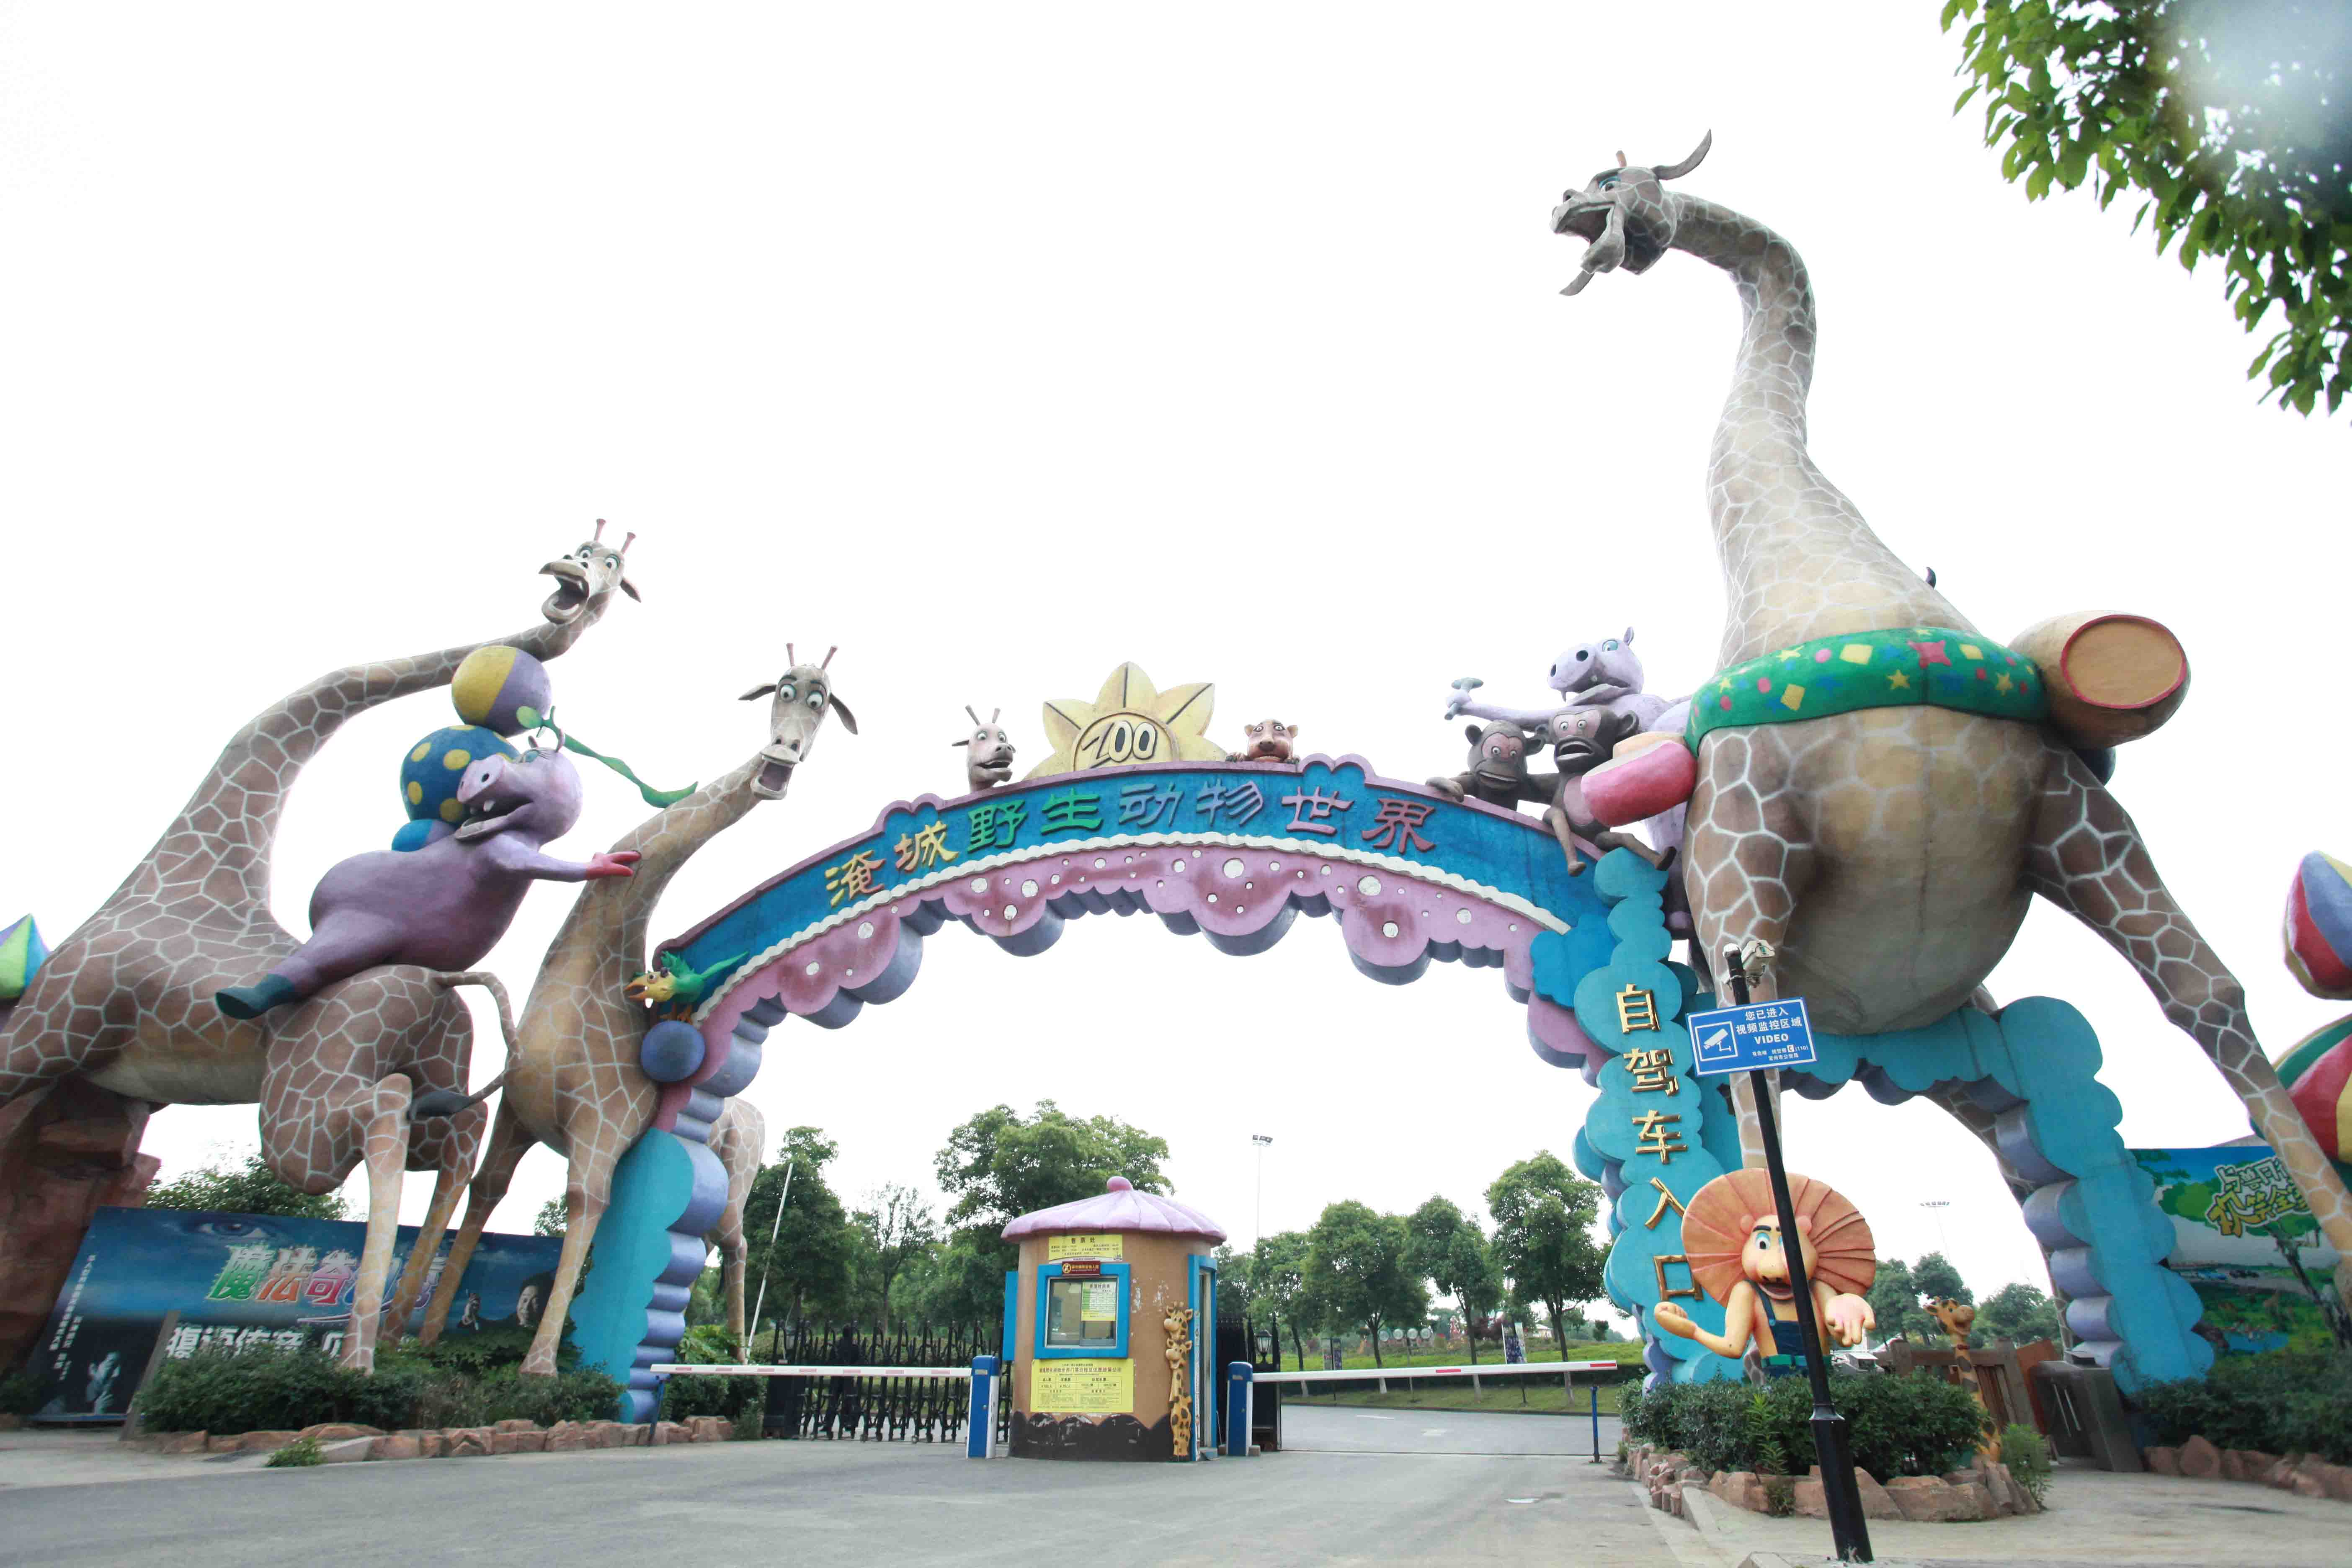 【淹城野生动物园&恐龙园大剧场特惠●7.26酒店降价大